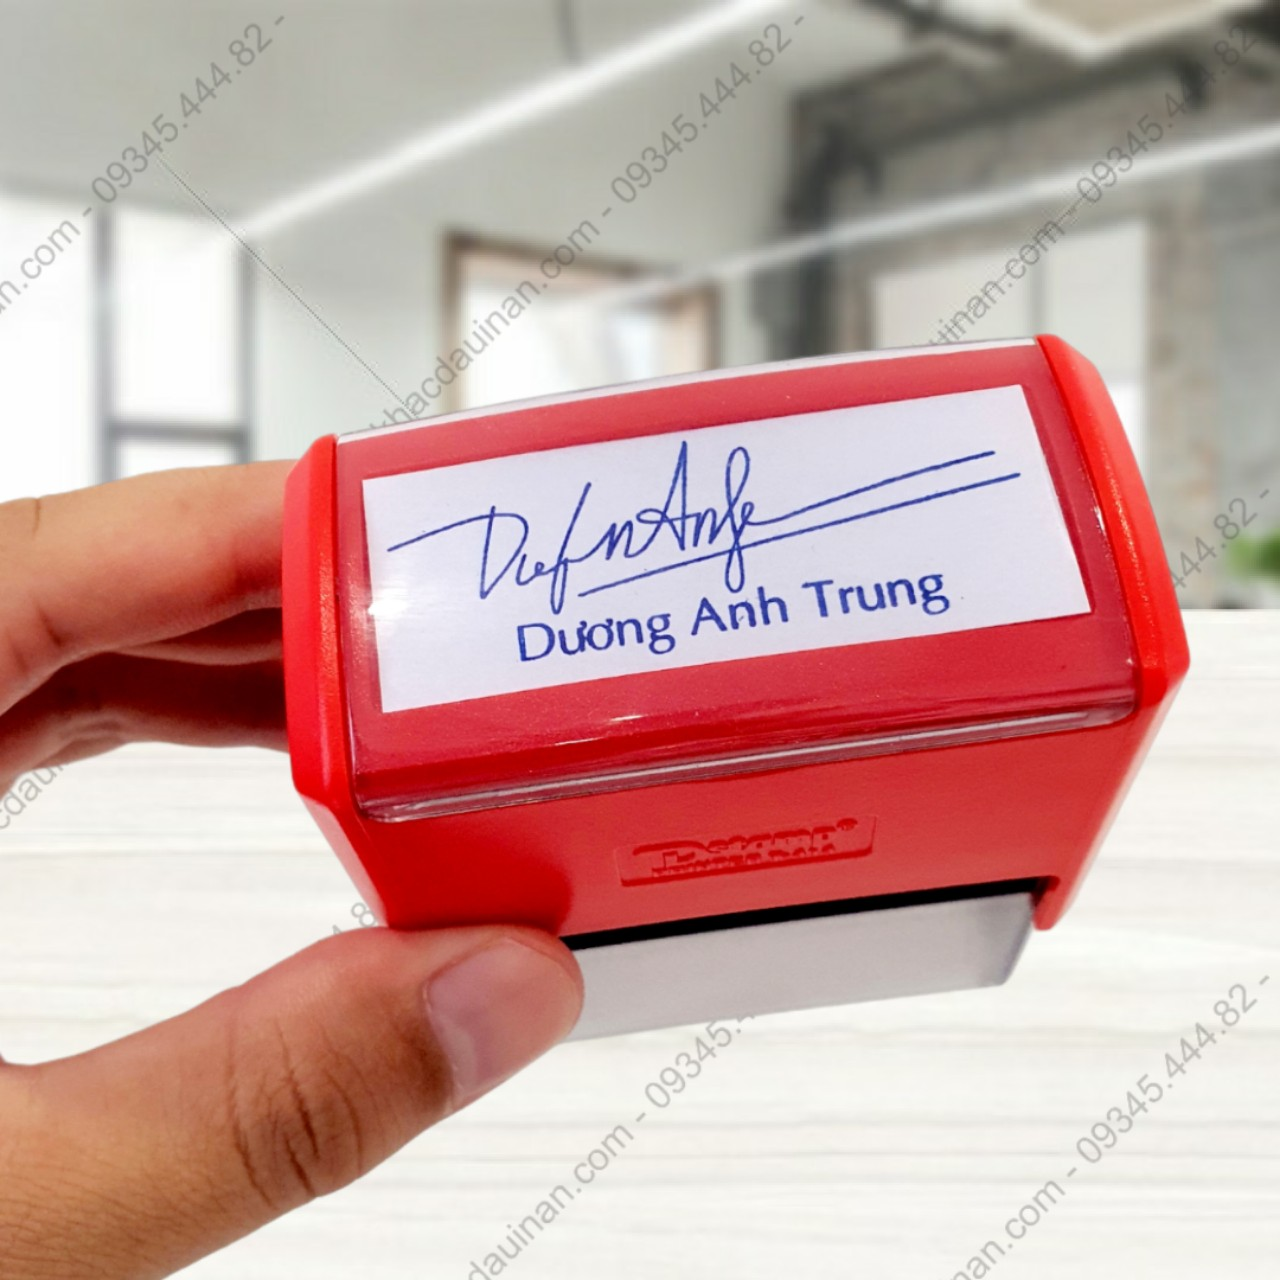 Khắc con dấu chữ ký kèm tên giá rẻ giao hàng tận nơi tại tphcm - hà nội, chữ ký thiết kế theo yêu cầu kết hợp kèm với tên tiện lợi dễ sử dụng.